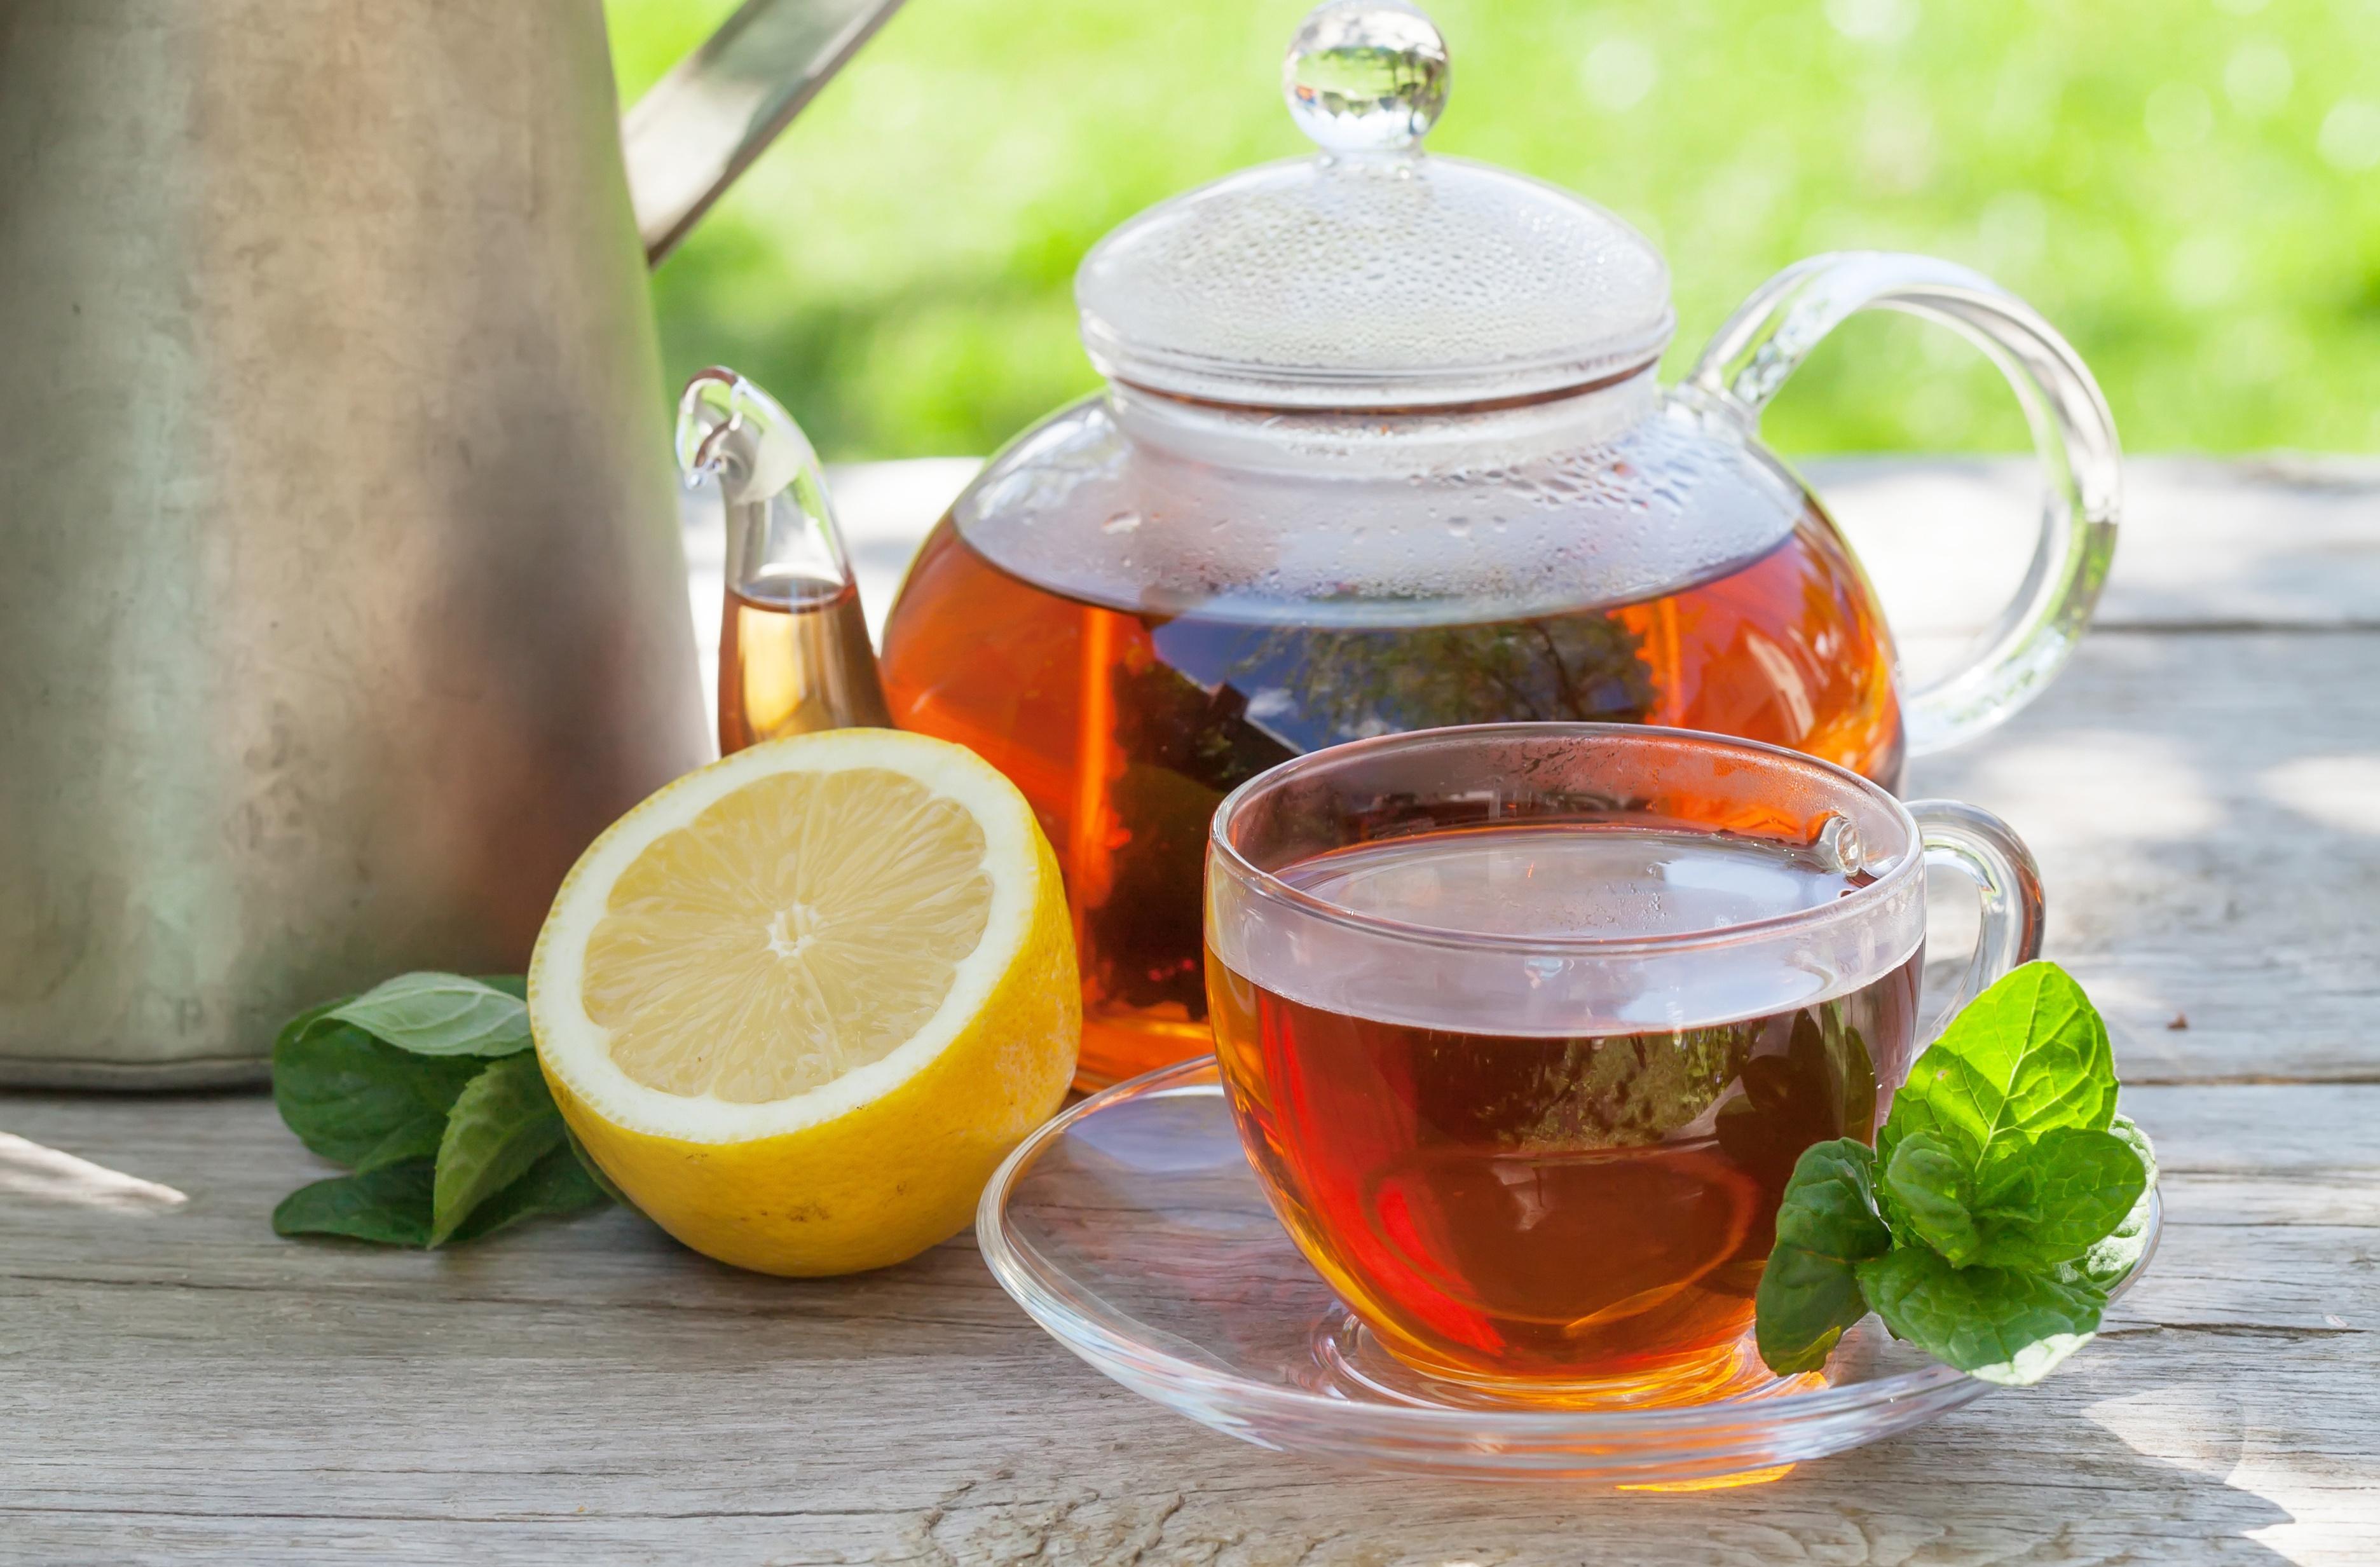 еда чай лимон мята eda tea lemon flicking  № 676110 бесплатно